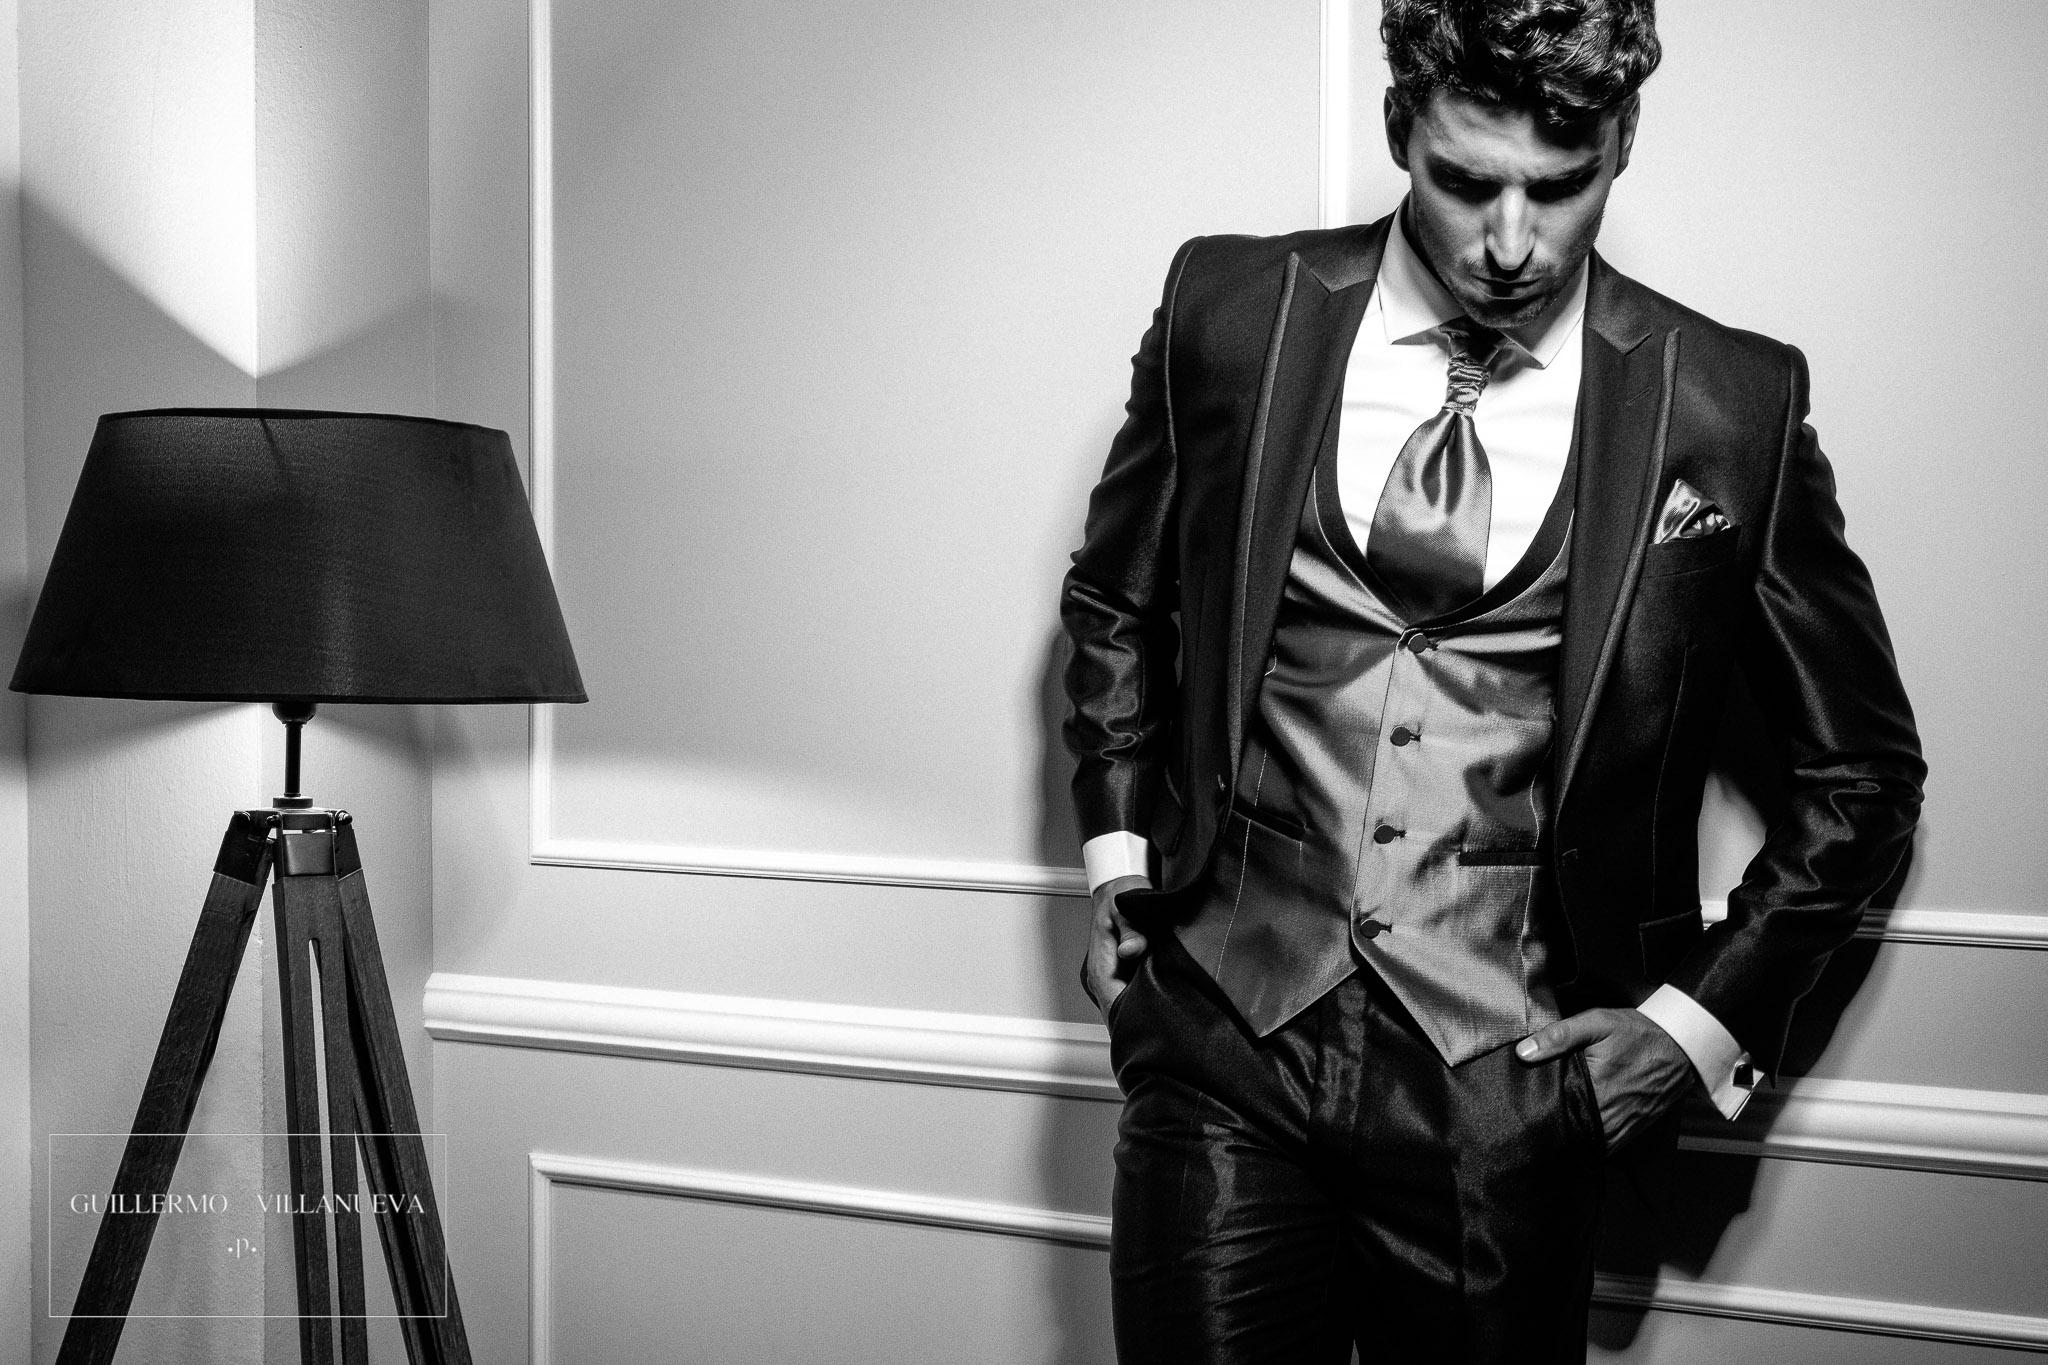 e785b6ac2 Agrandar ·. traje de novio y padrino modelo clavel ...